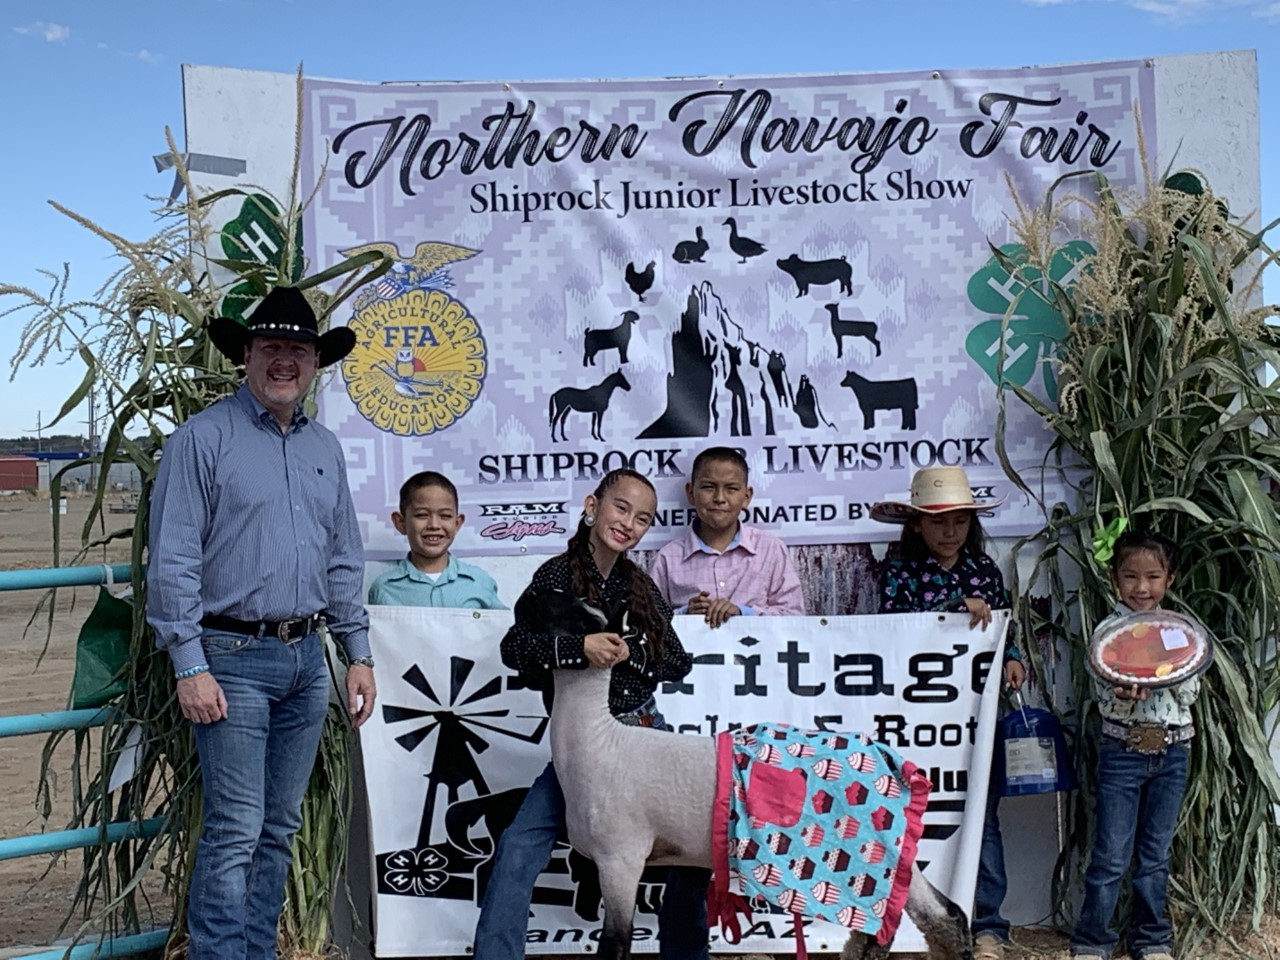 Navajo Gaming Spurs Enthusiasm with Navajo 4H Youth at the Shiprock Fair